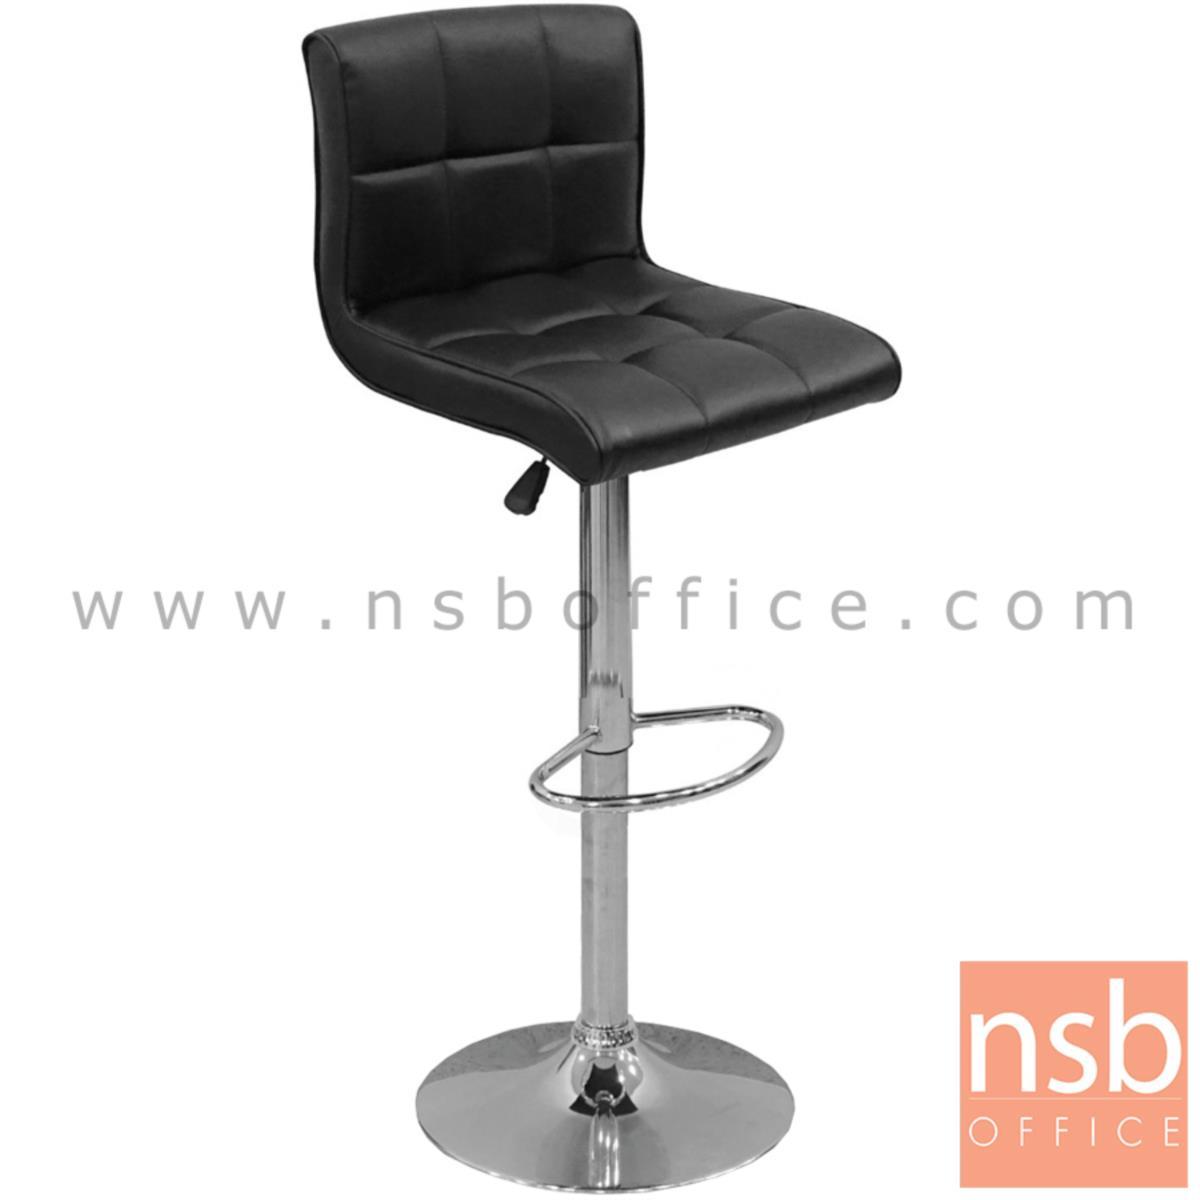 B18A070:เก้าอี้บาร์สูงหนังเทียม  รุ่น Saria ขนาด 41.5W cm. โช๊คแก๊ส ขาโครเมี่ยมฐานจานกลม